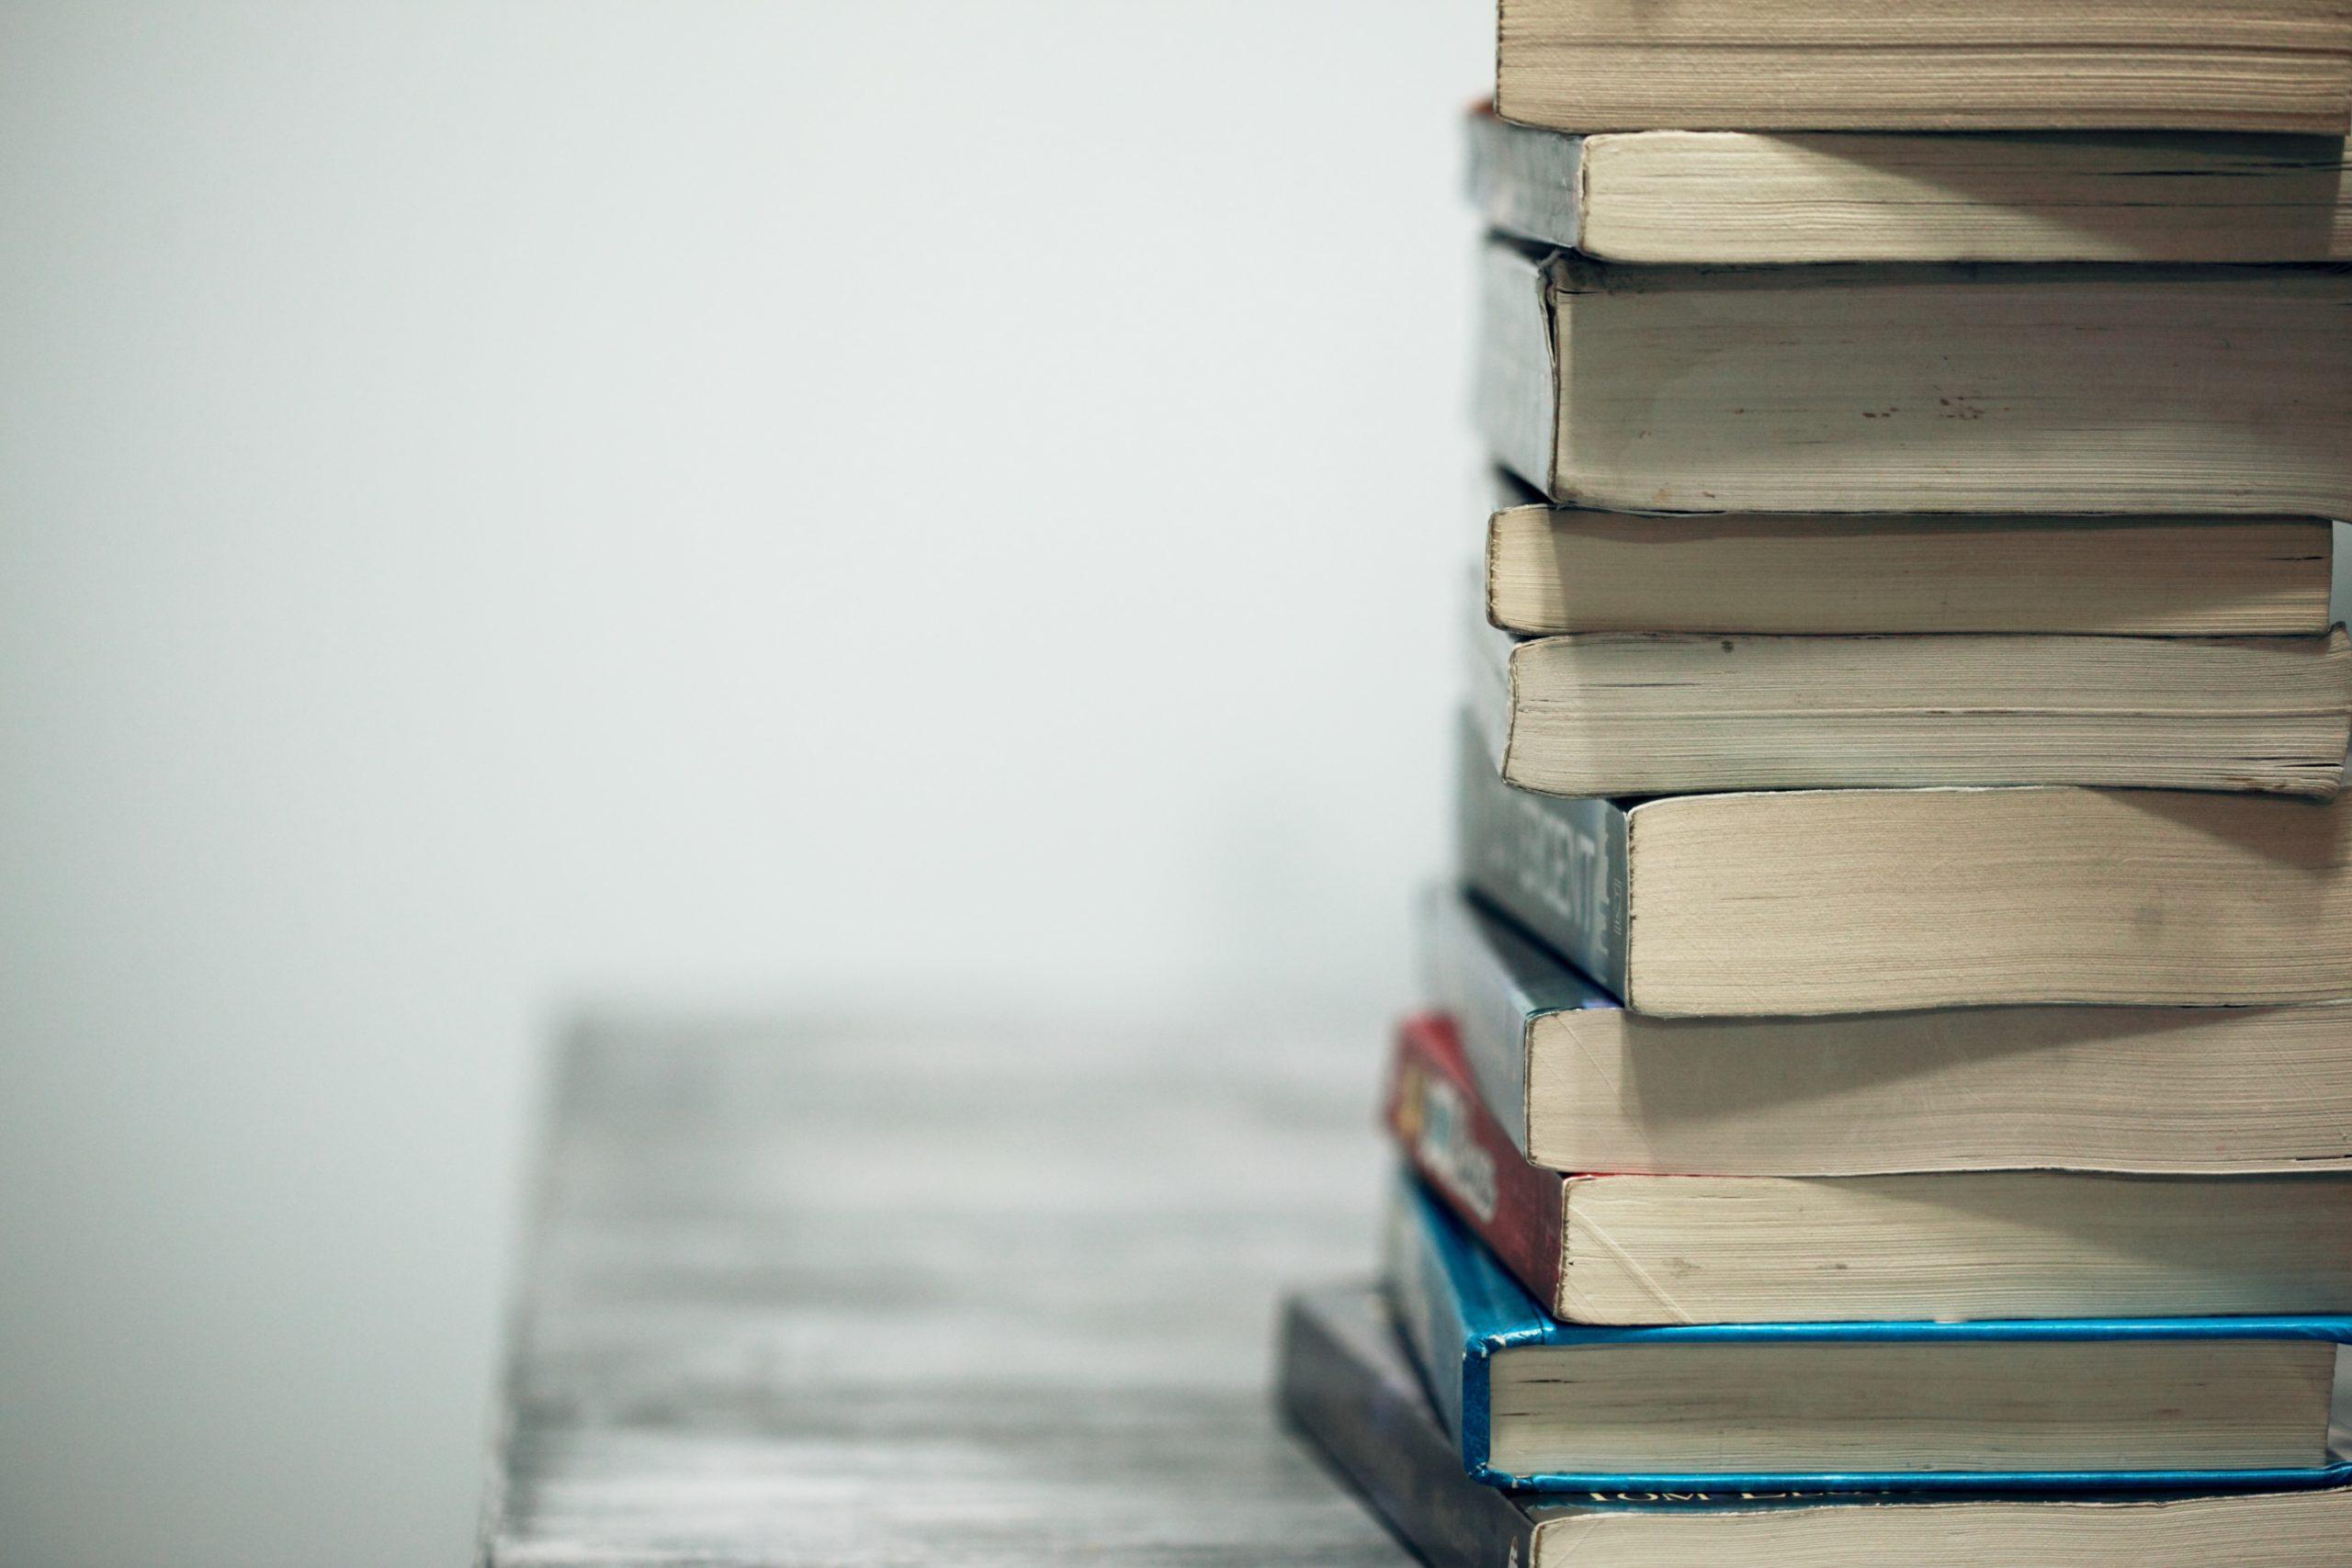 USCO Curriculum Sale/Swap – June 9